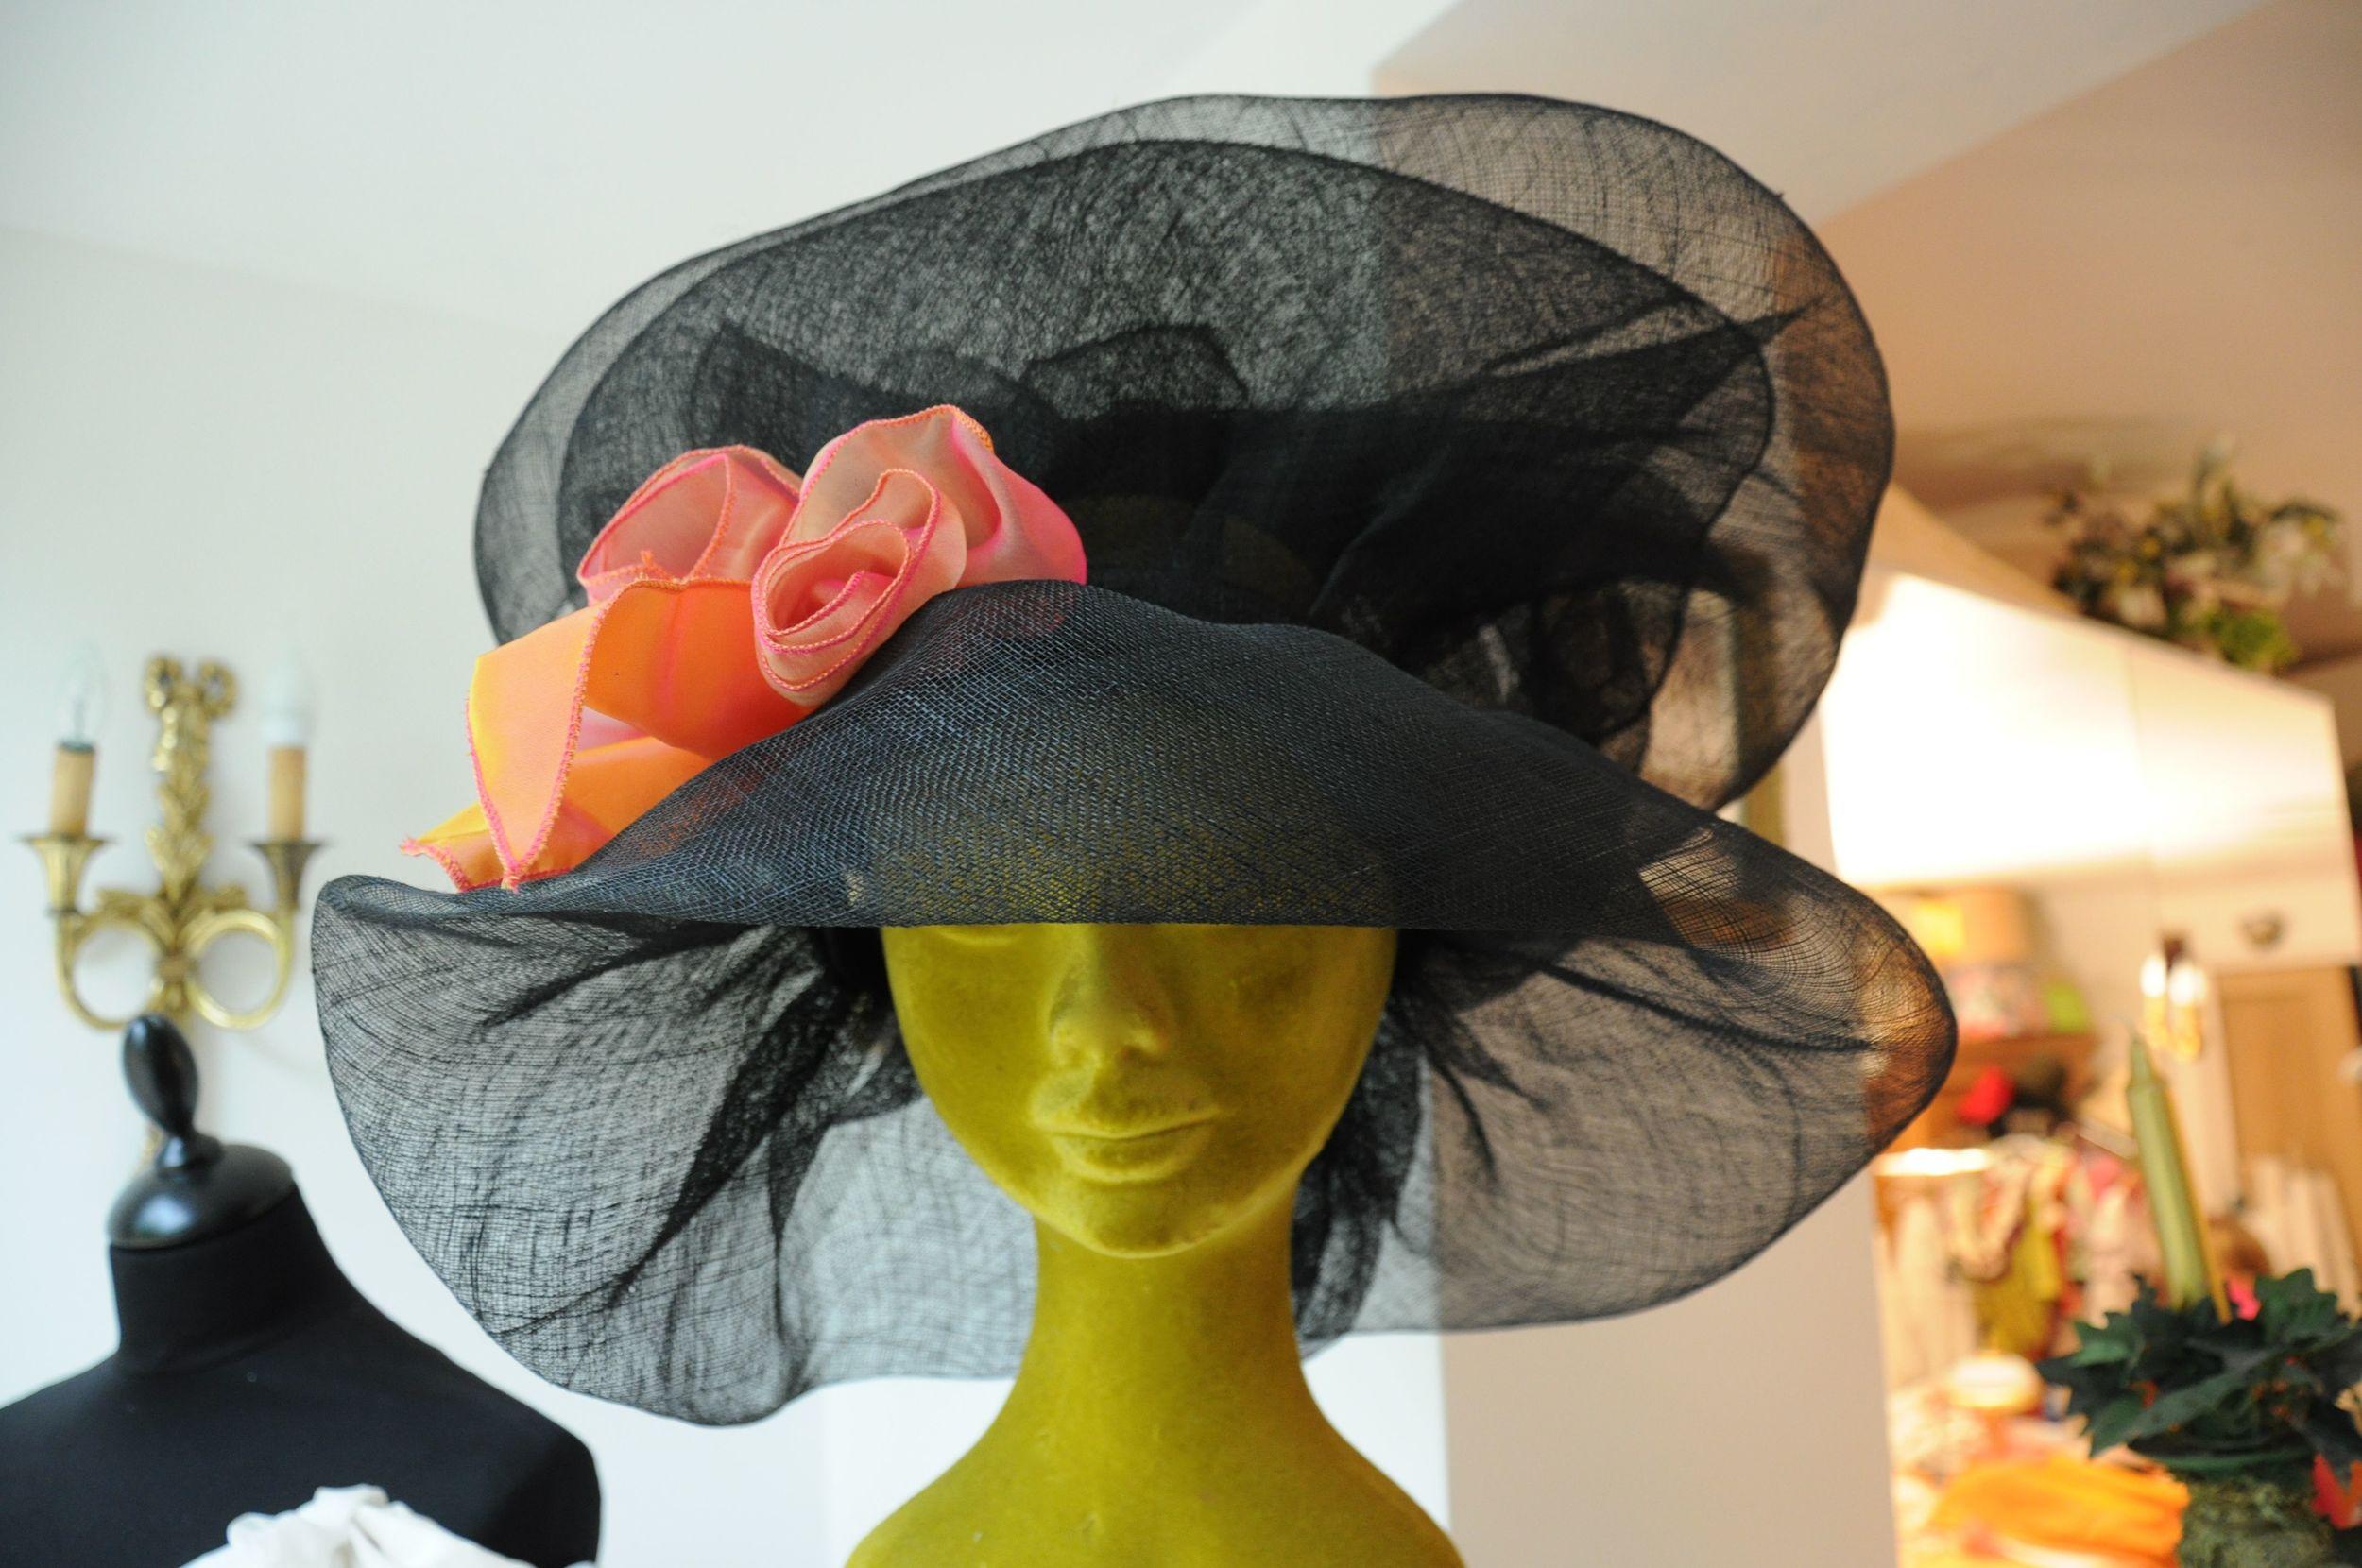 Chapeau en sisal noir avec décorations de fleurs en mousseline de soie orangées sur mesure assorti à la tenue